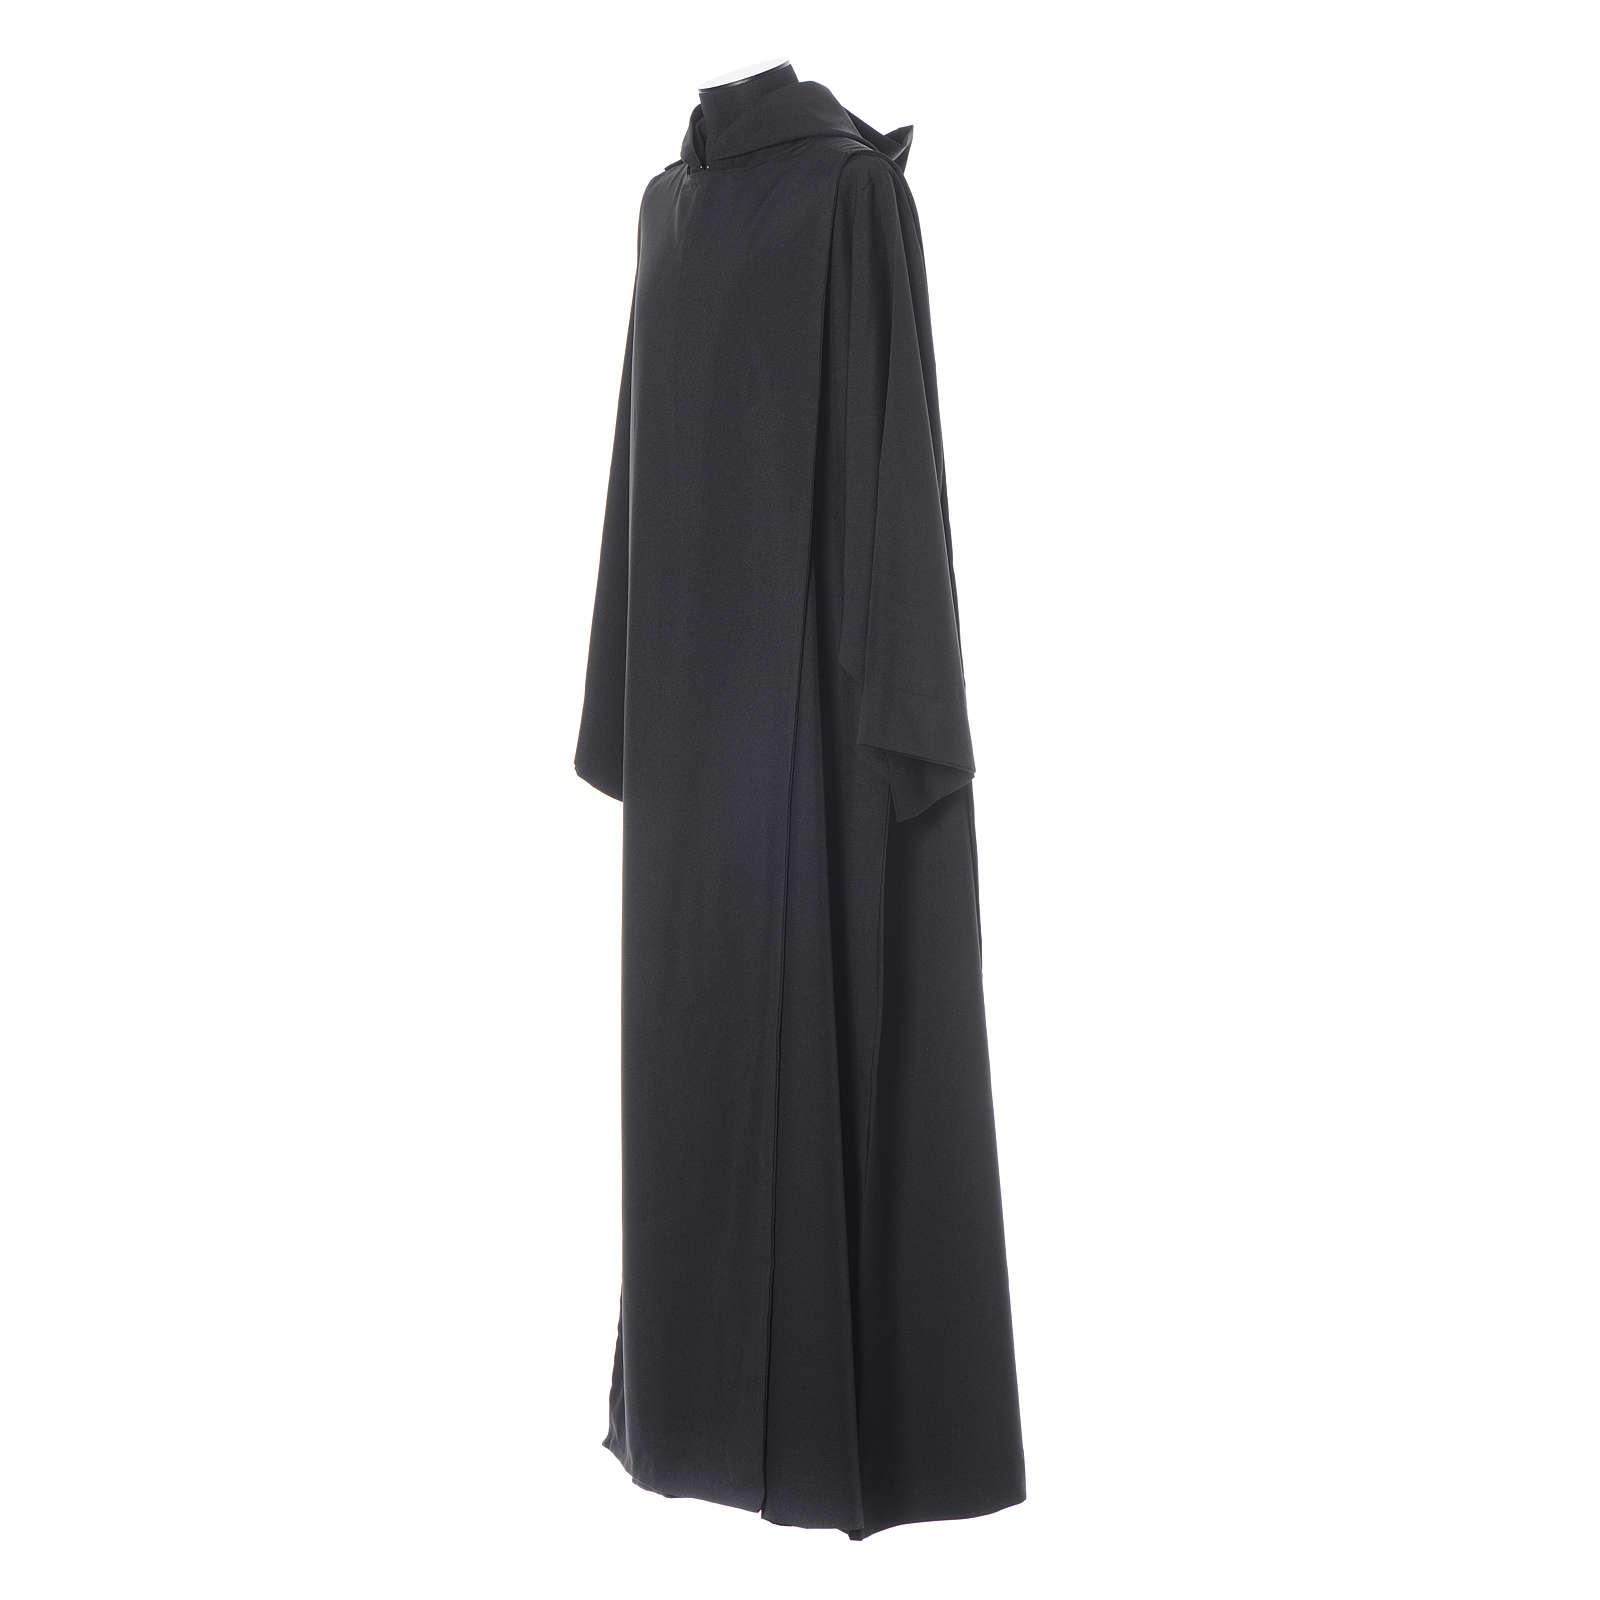 Alba benedyktyńska czarna poliester 4